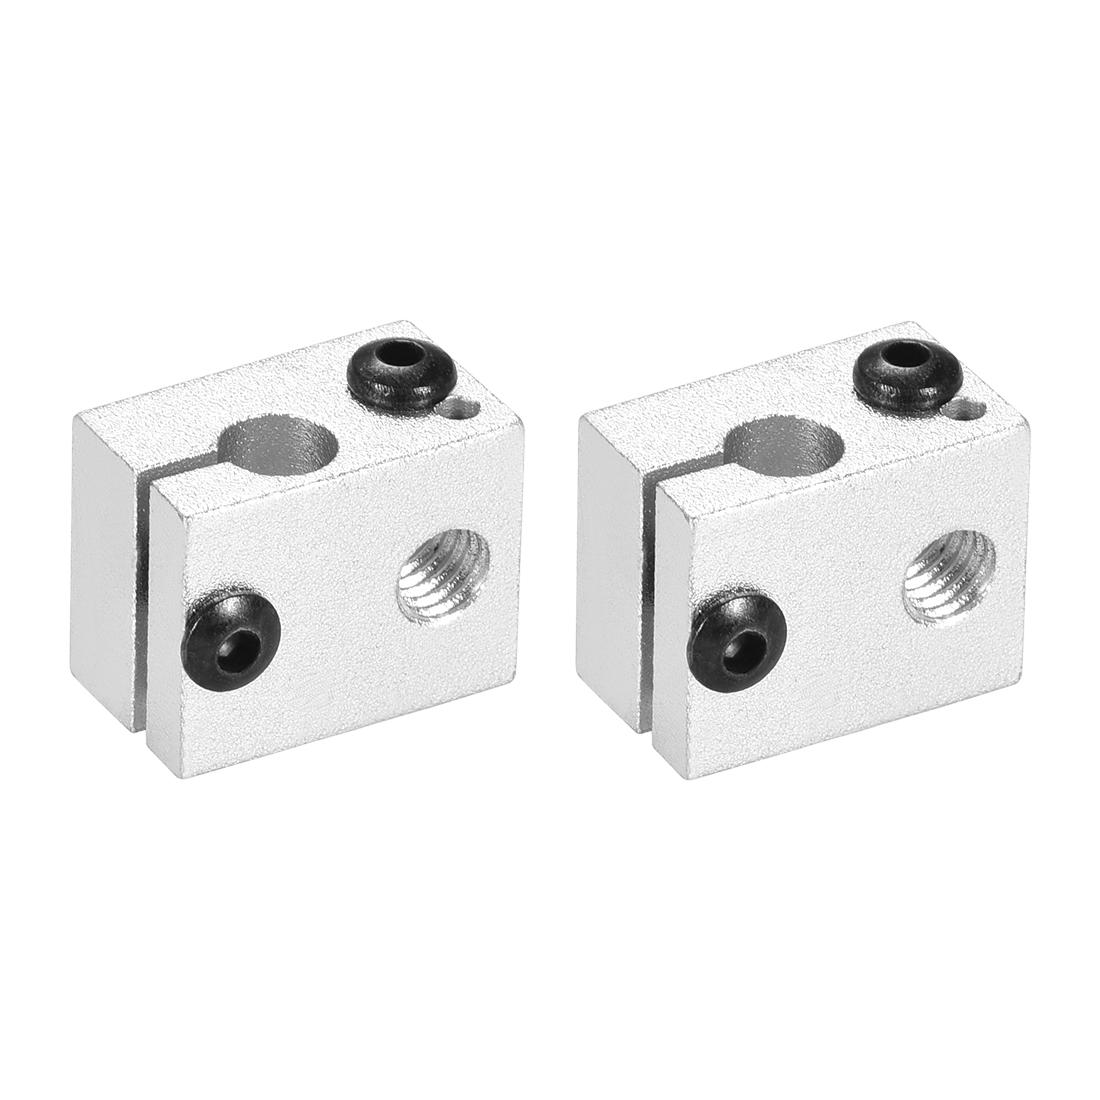 Aluminum Extruder Heater Block, Fit V6 3D Printer Silver 2pcs